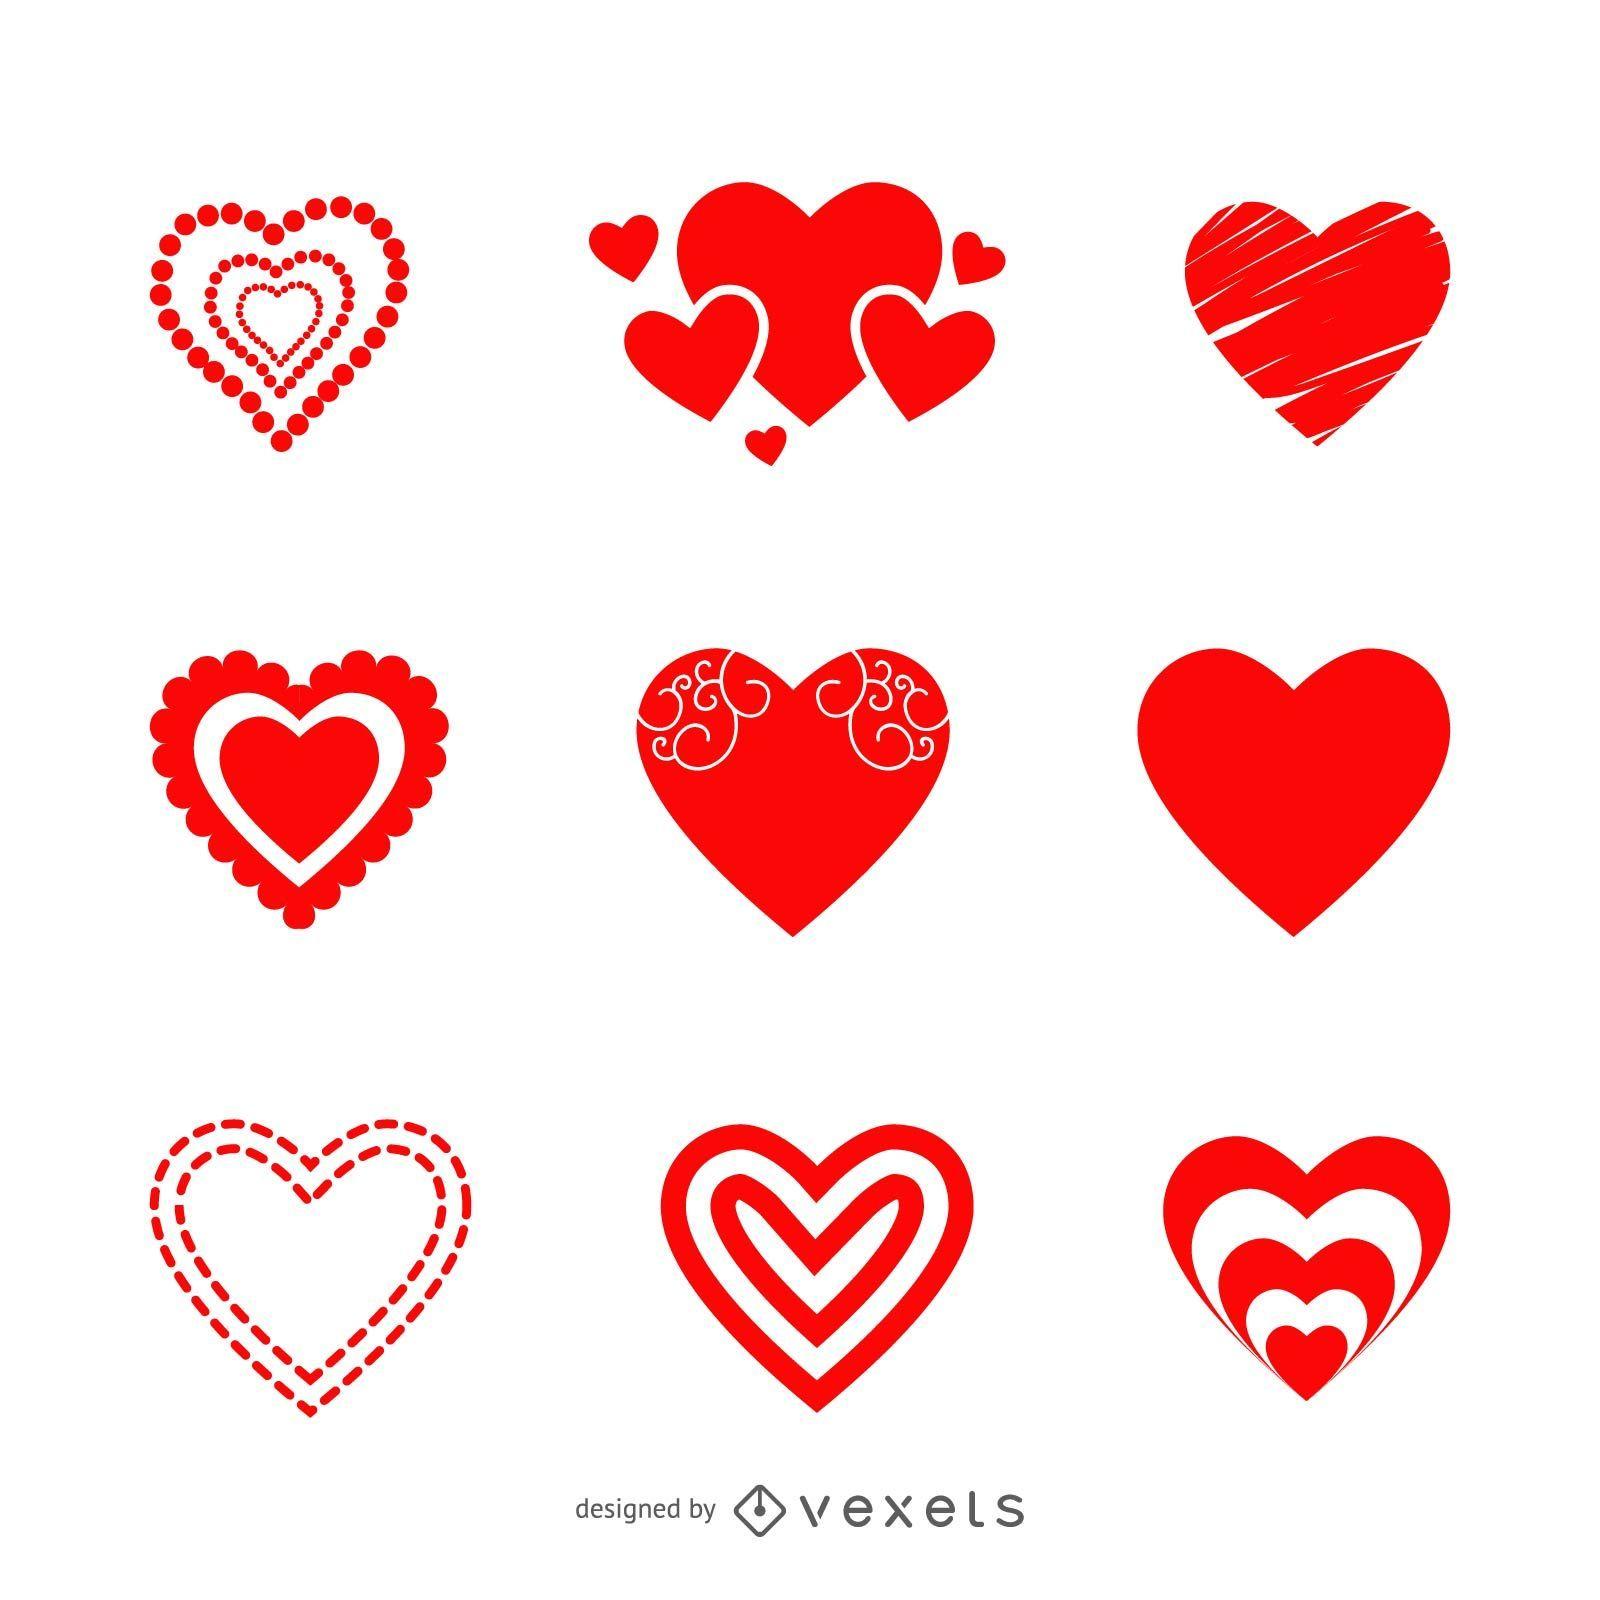 Conjunto de iconos de coraz?n de San Valent?n